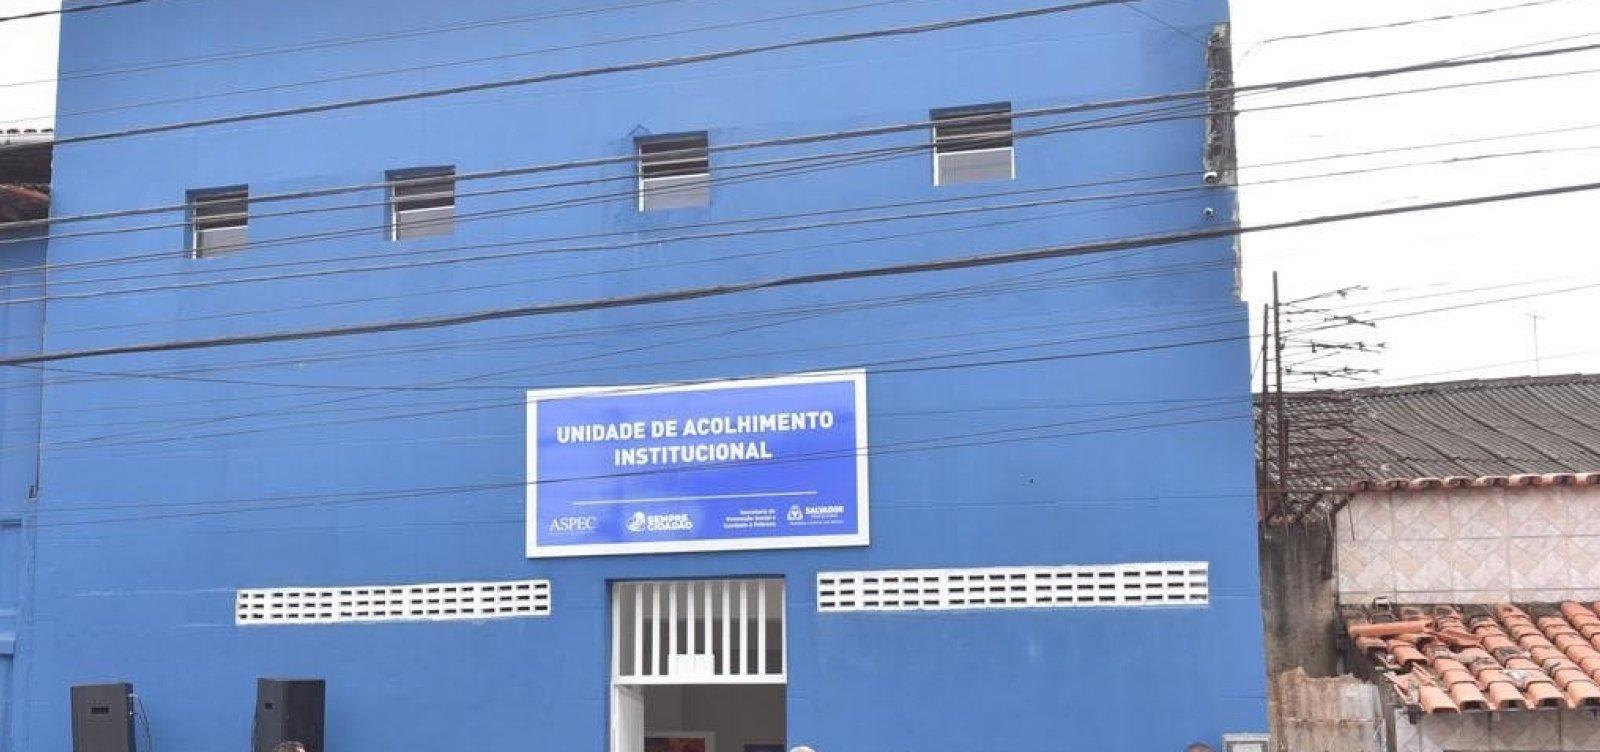 [Unidade para acolher pessoas em situação de rua é inaugurada neste sábado em Itapuã]